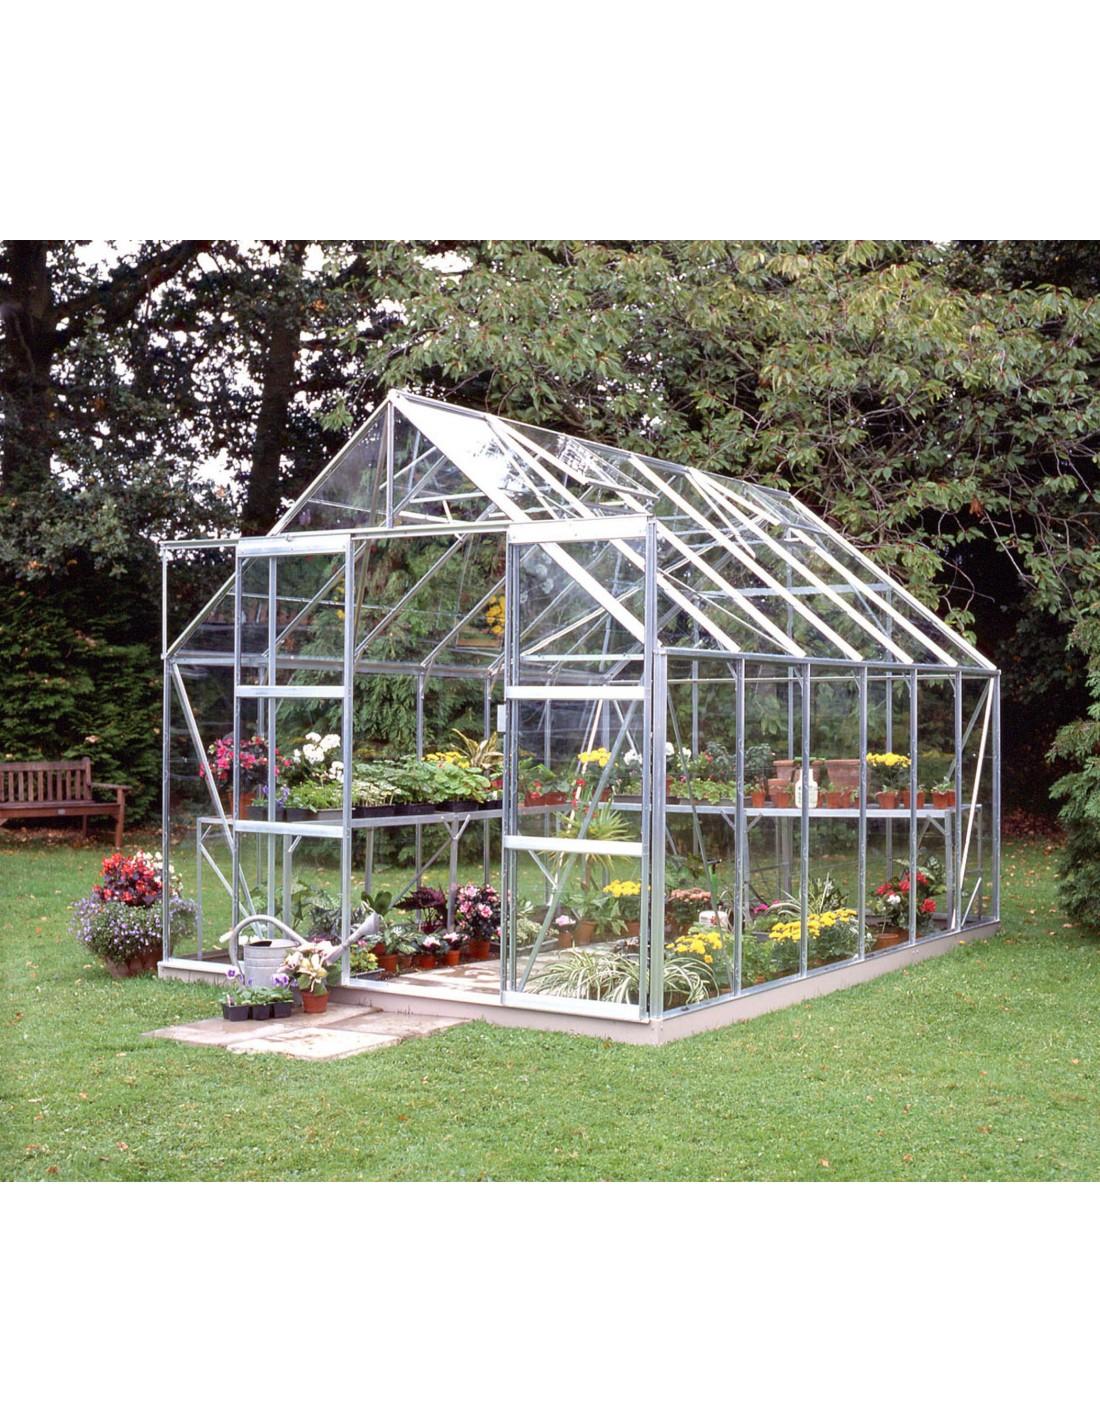 Serre De Jardin Magnum 9,9 M² - Verre Horticole De 3 Mm concernant Ma Serre De Jardin